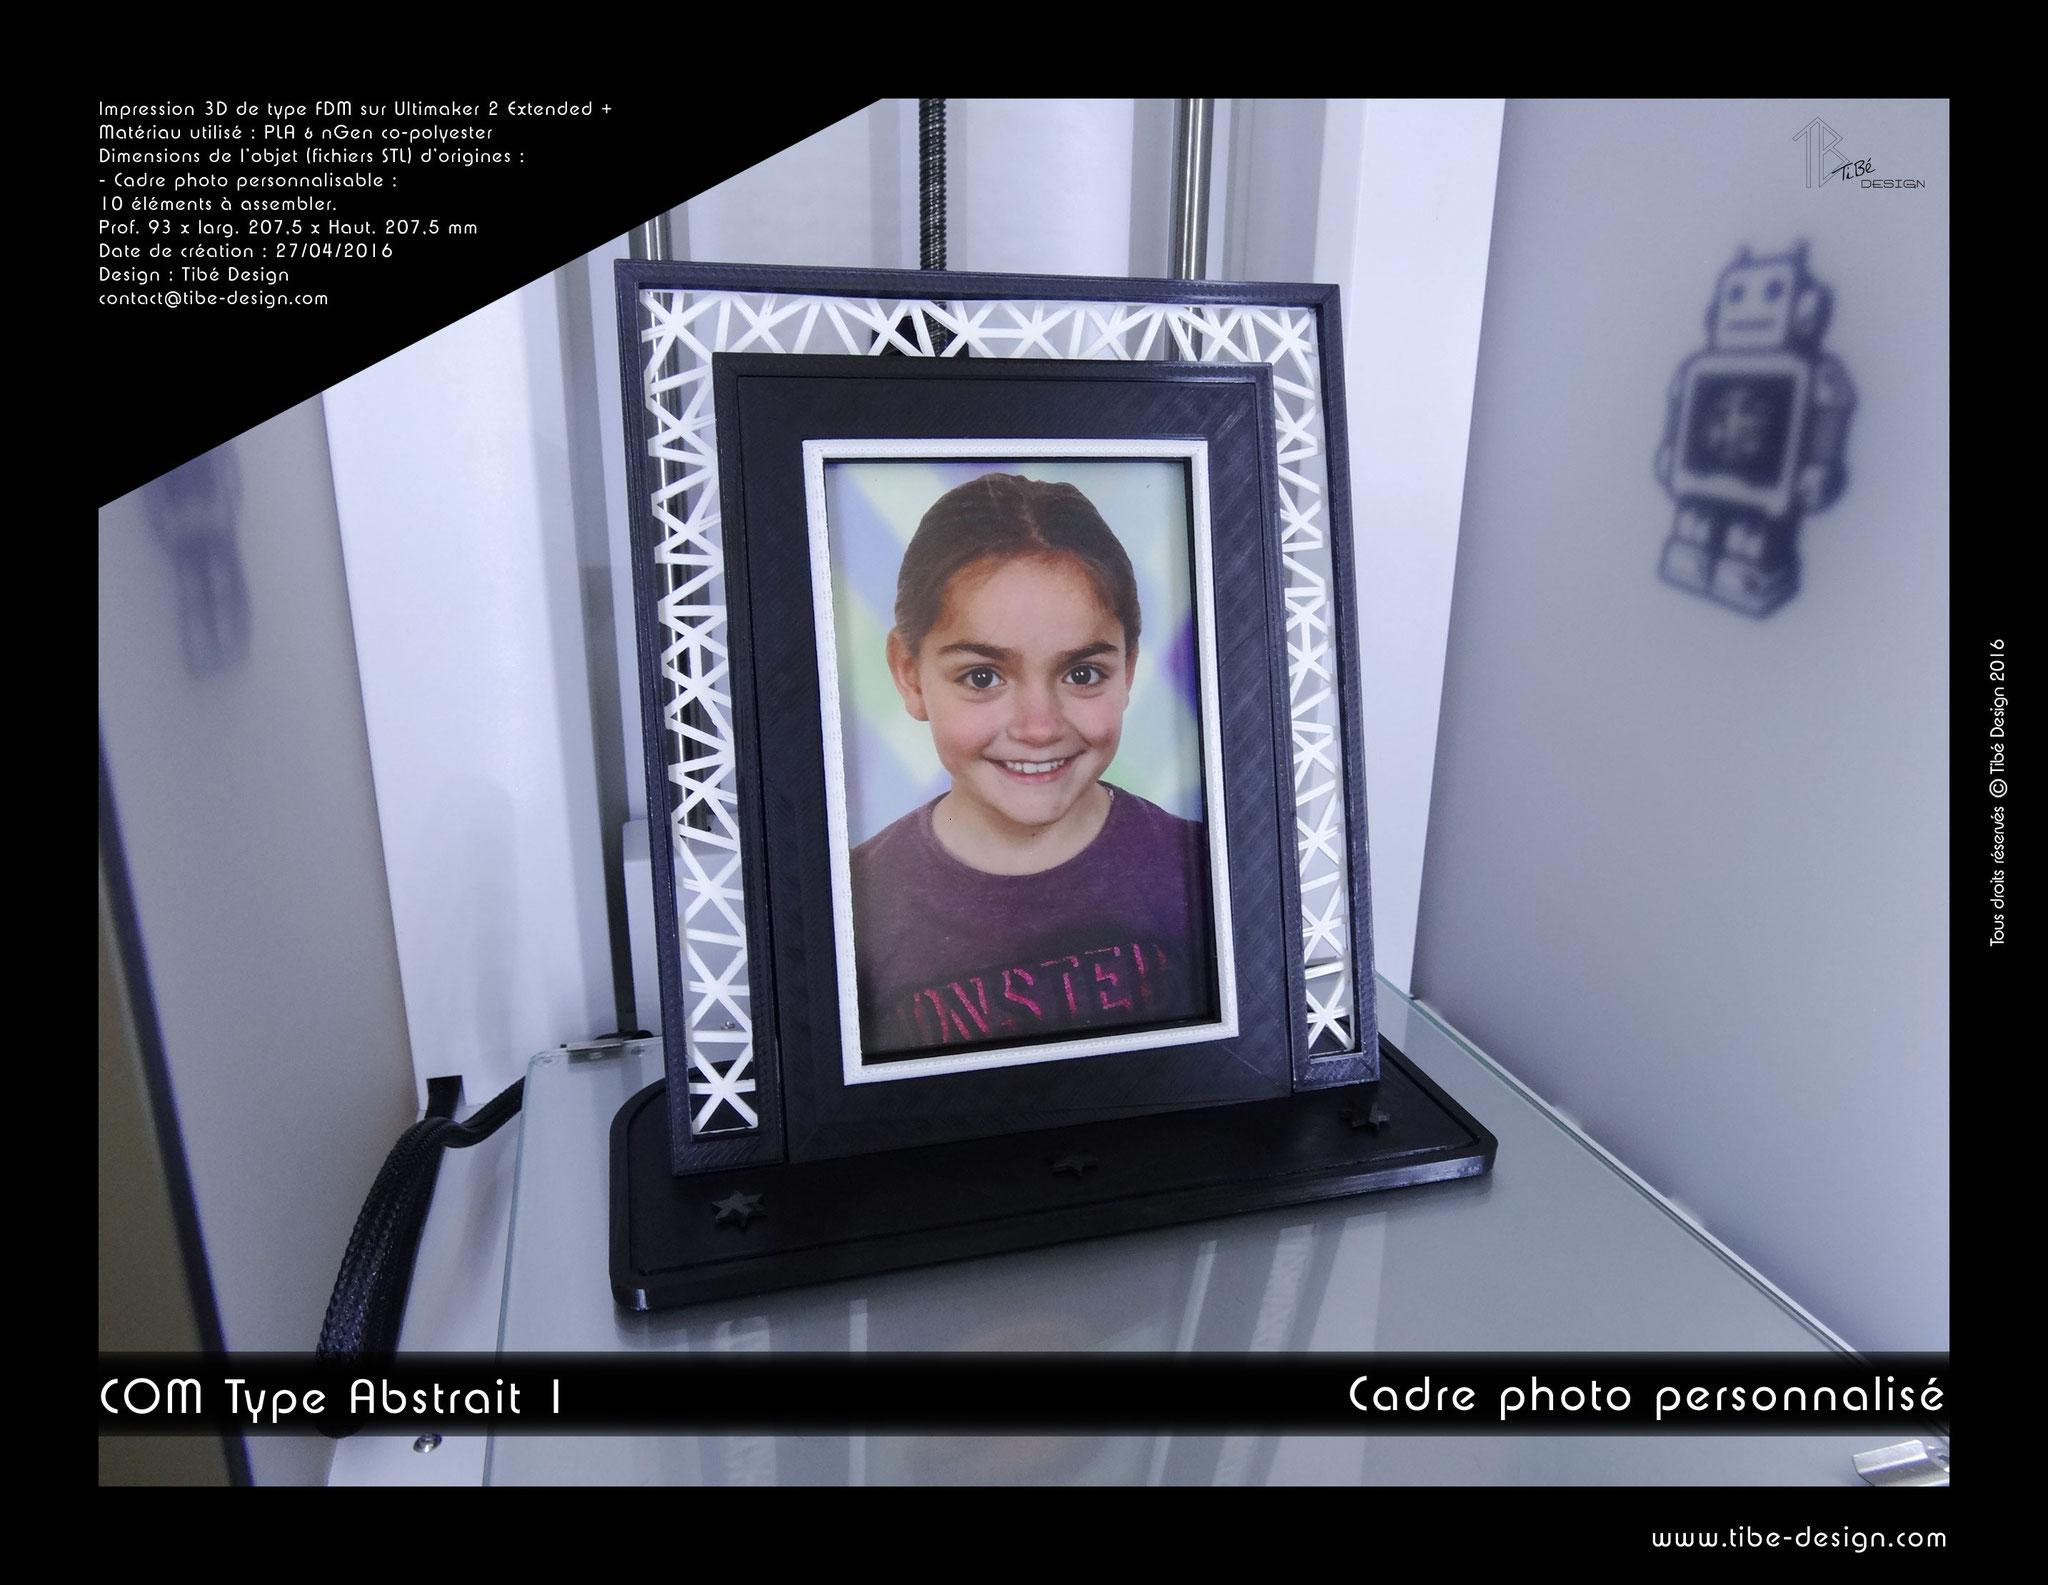 Cadre photo personnalisable print 3D design COM type Abstrait